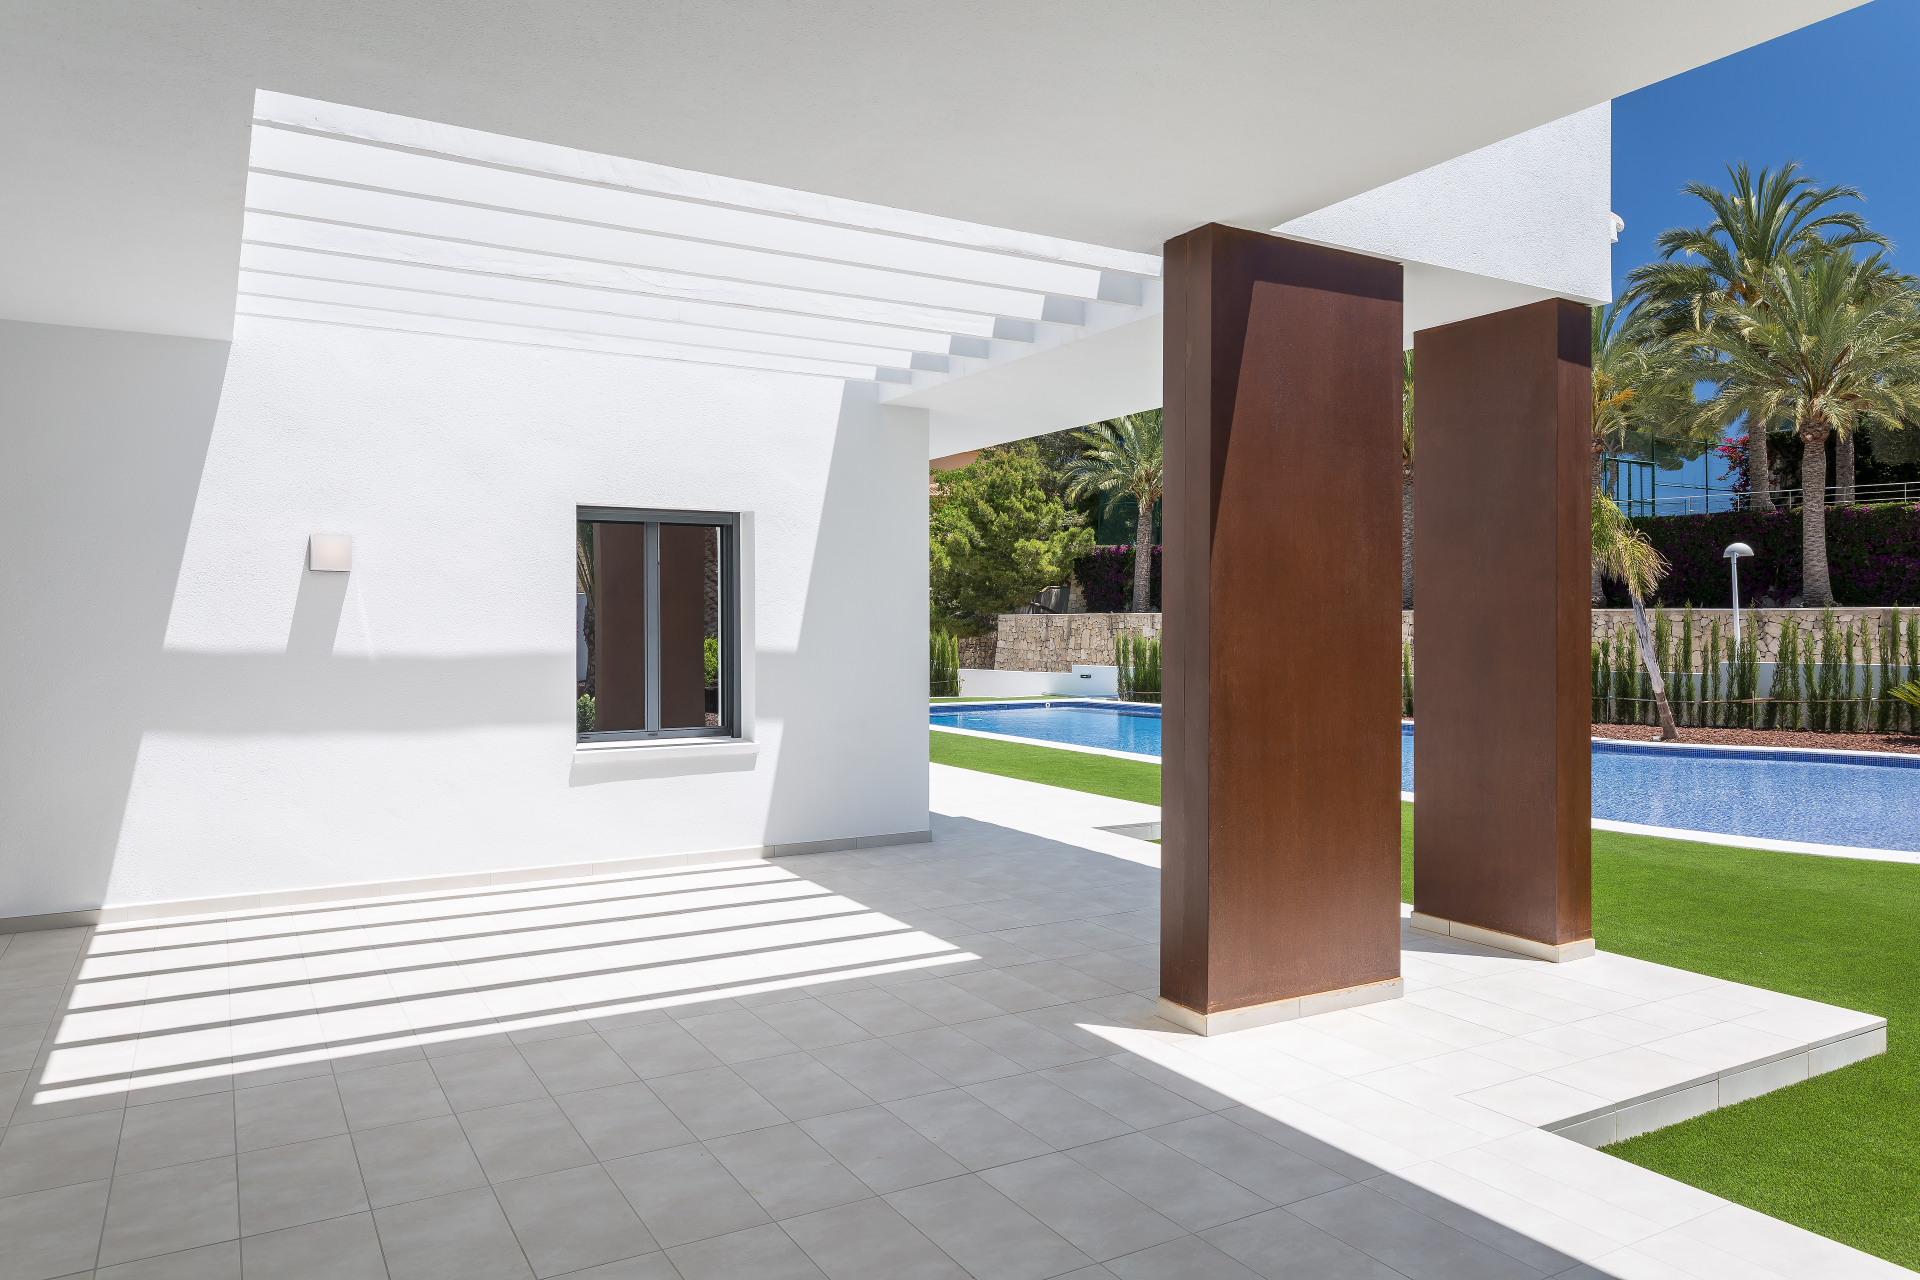 fotografia-arquitectura-interiorismo-valencia-alicante-moraira-german-cabo-laura-yerpes (5)